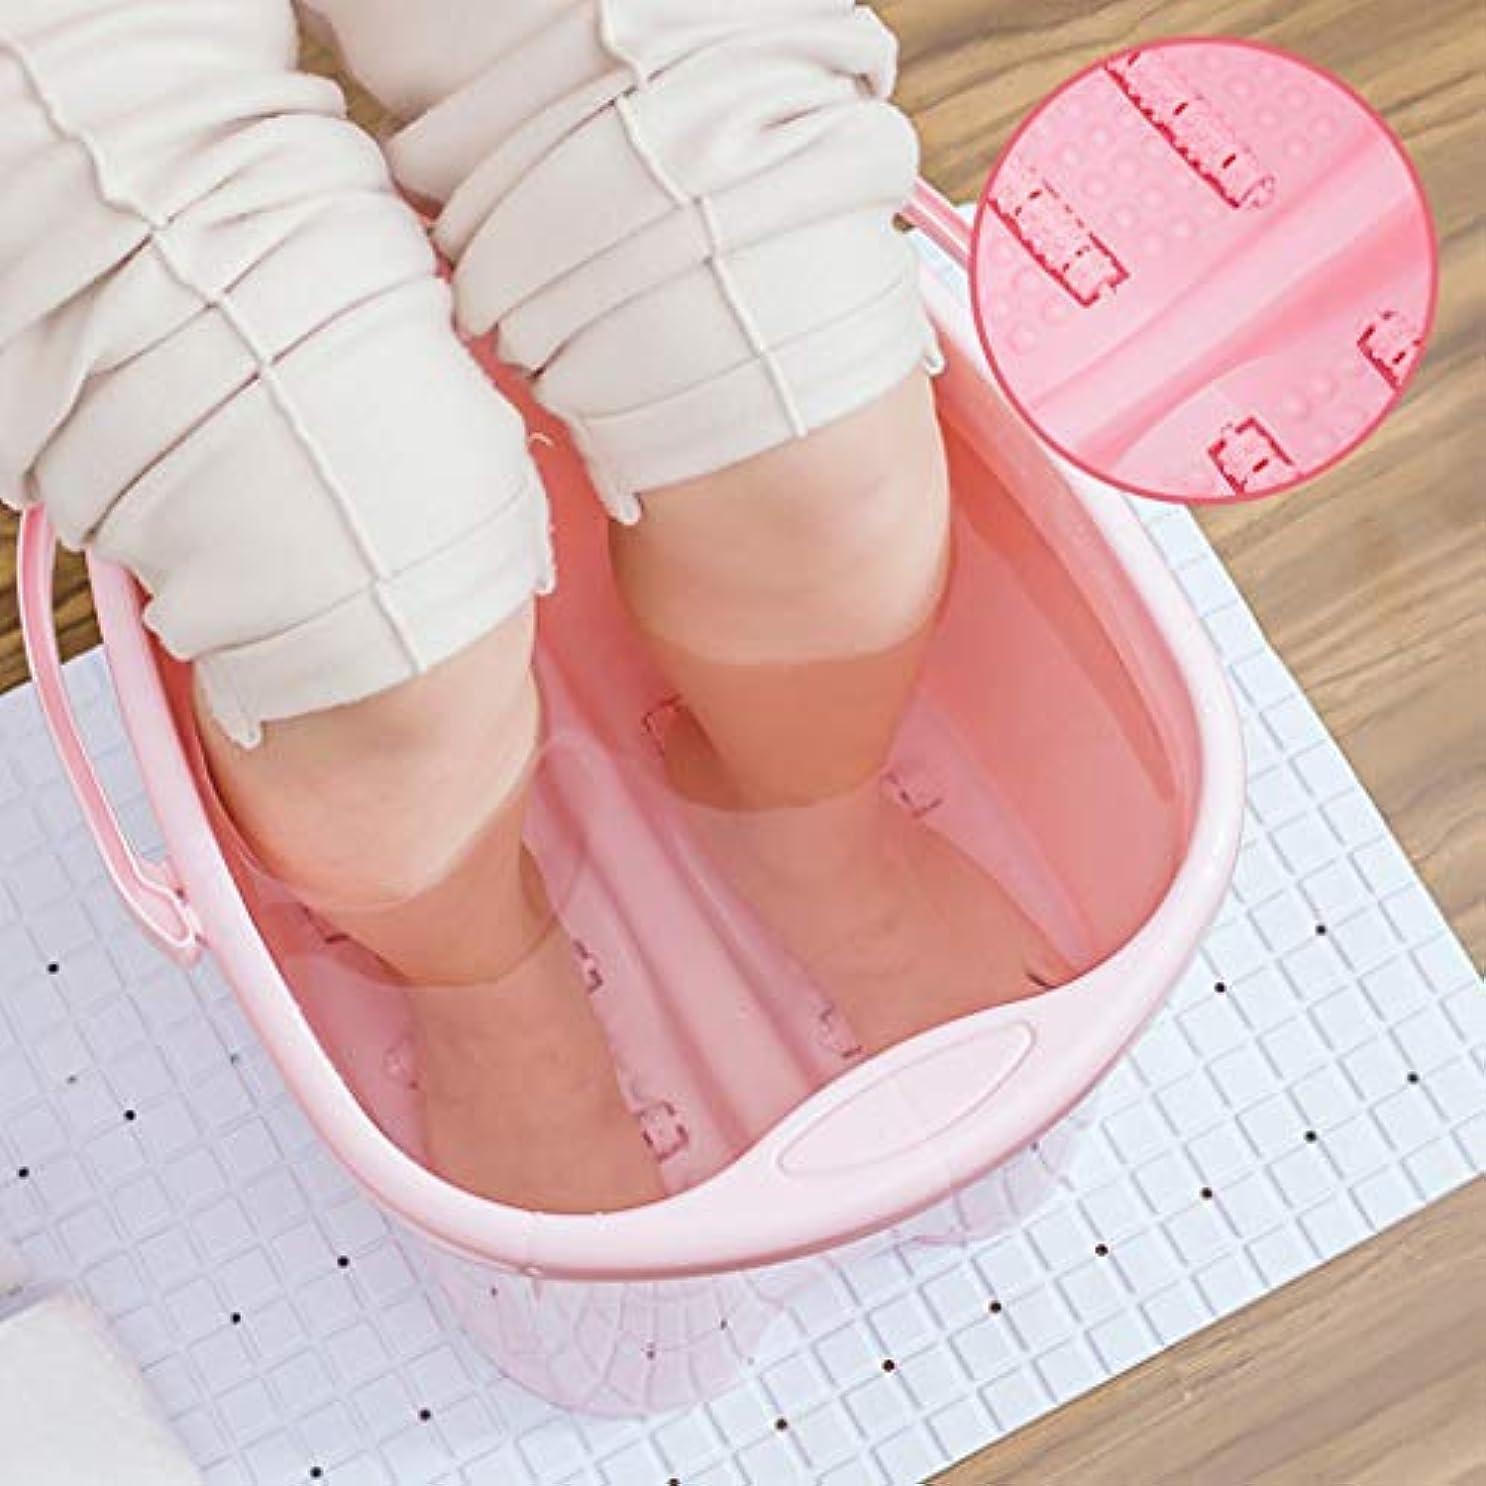 検出可能大騒ぎスピンフットバスバレル- ?AMT携帯用高まりのマッサージの浴槽のふたの熱保存のフィートの洗面器の世帯が付いている大人のフットバスのバケツ Relax foot (色 : Pink, サイズ さいず : 23.5cm high)